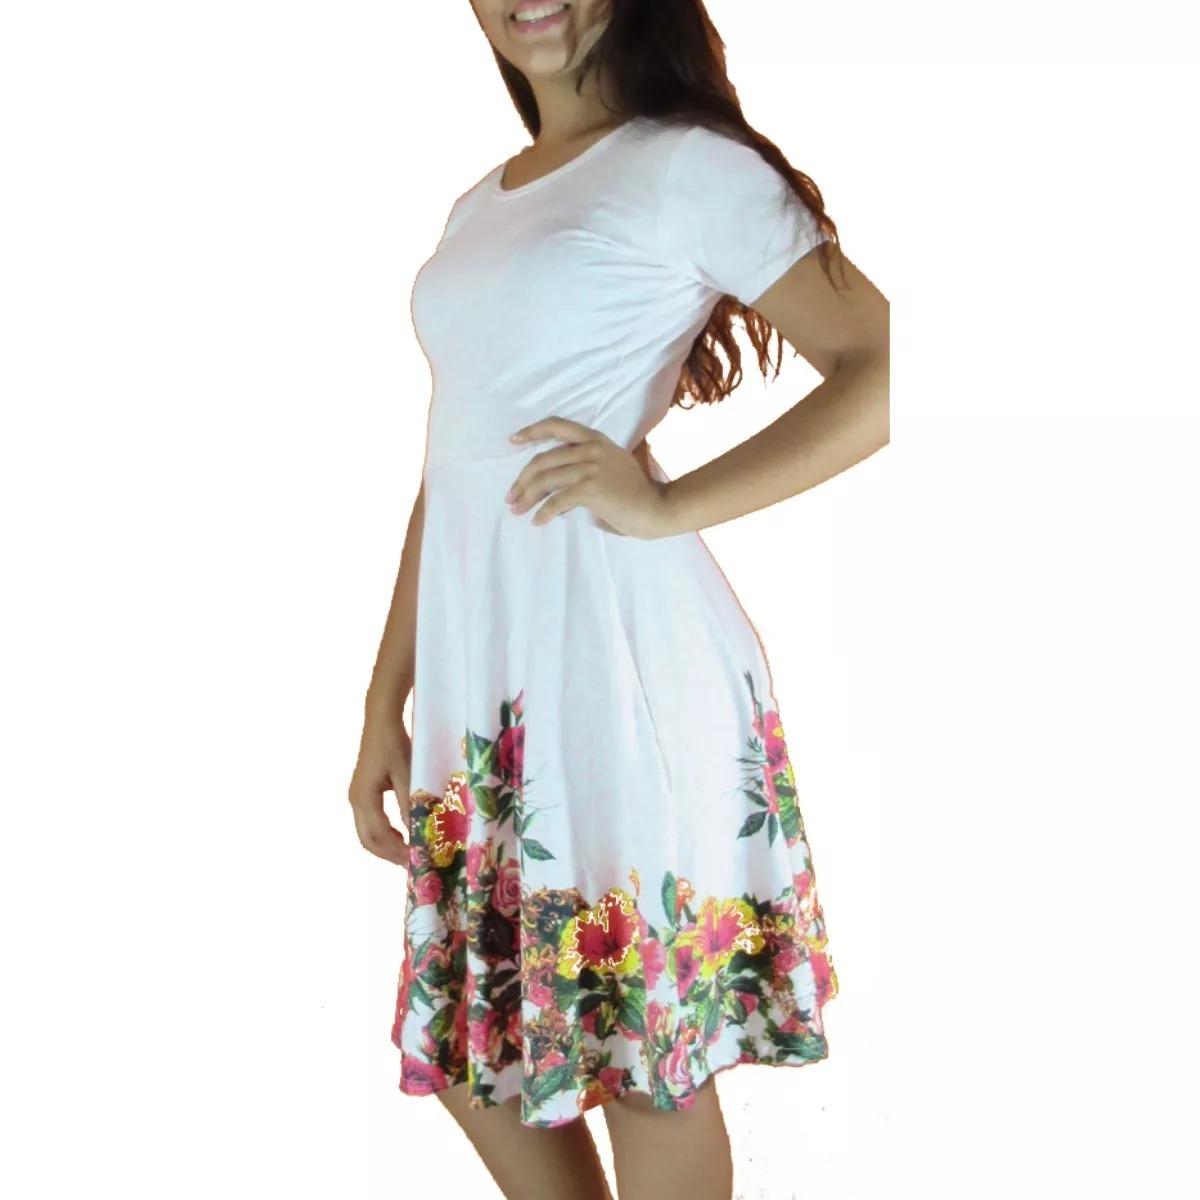 90c76feac Vestido Evangélico Midi Godê Kit 15 Peças Atacado - R$ 519,99 em ...